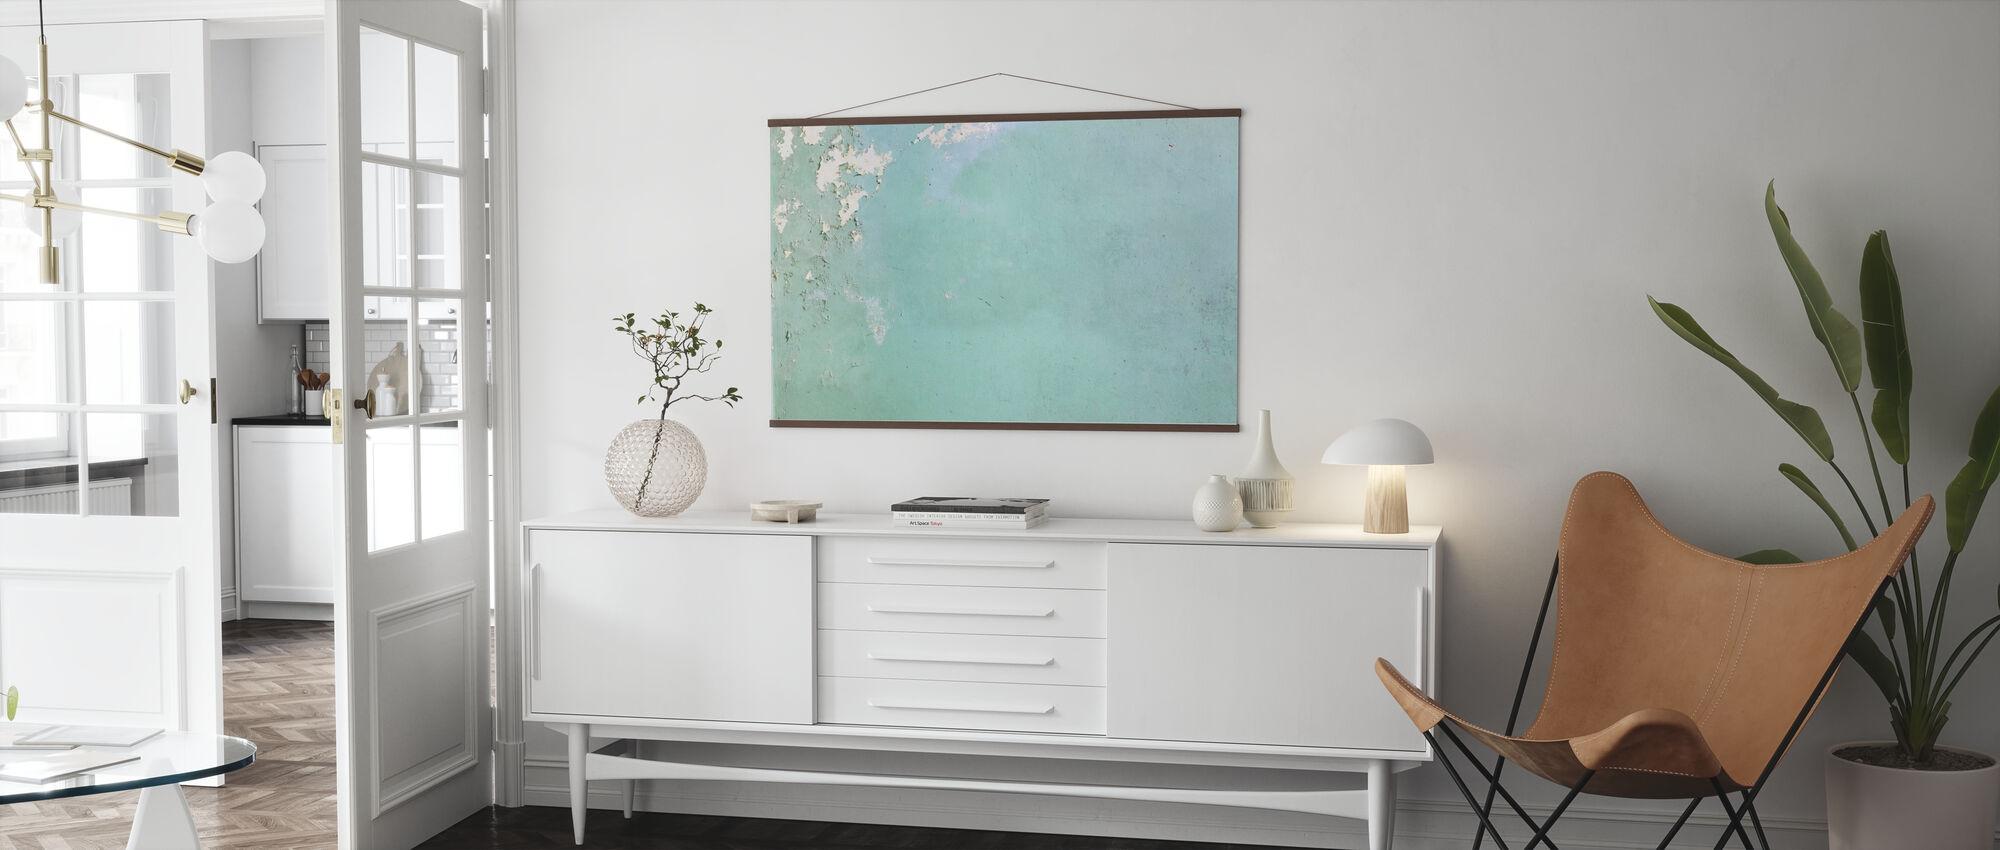 Light Blue Wallpaper - Poster - Living Room